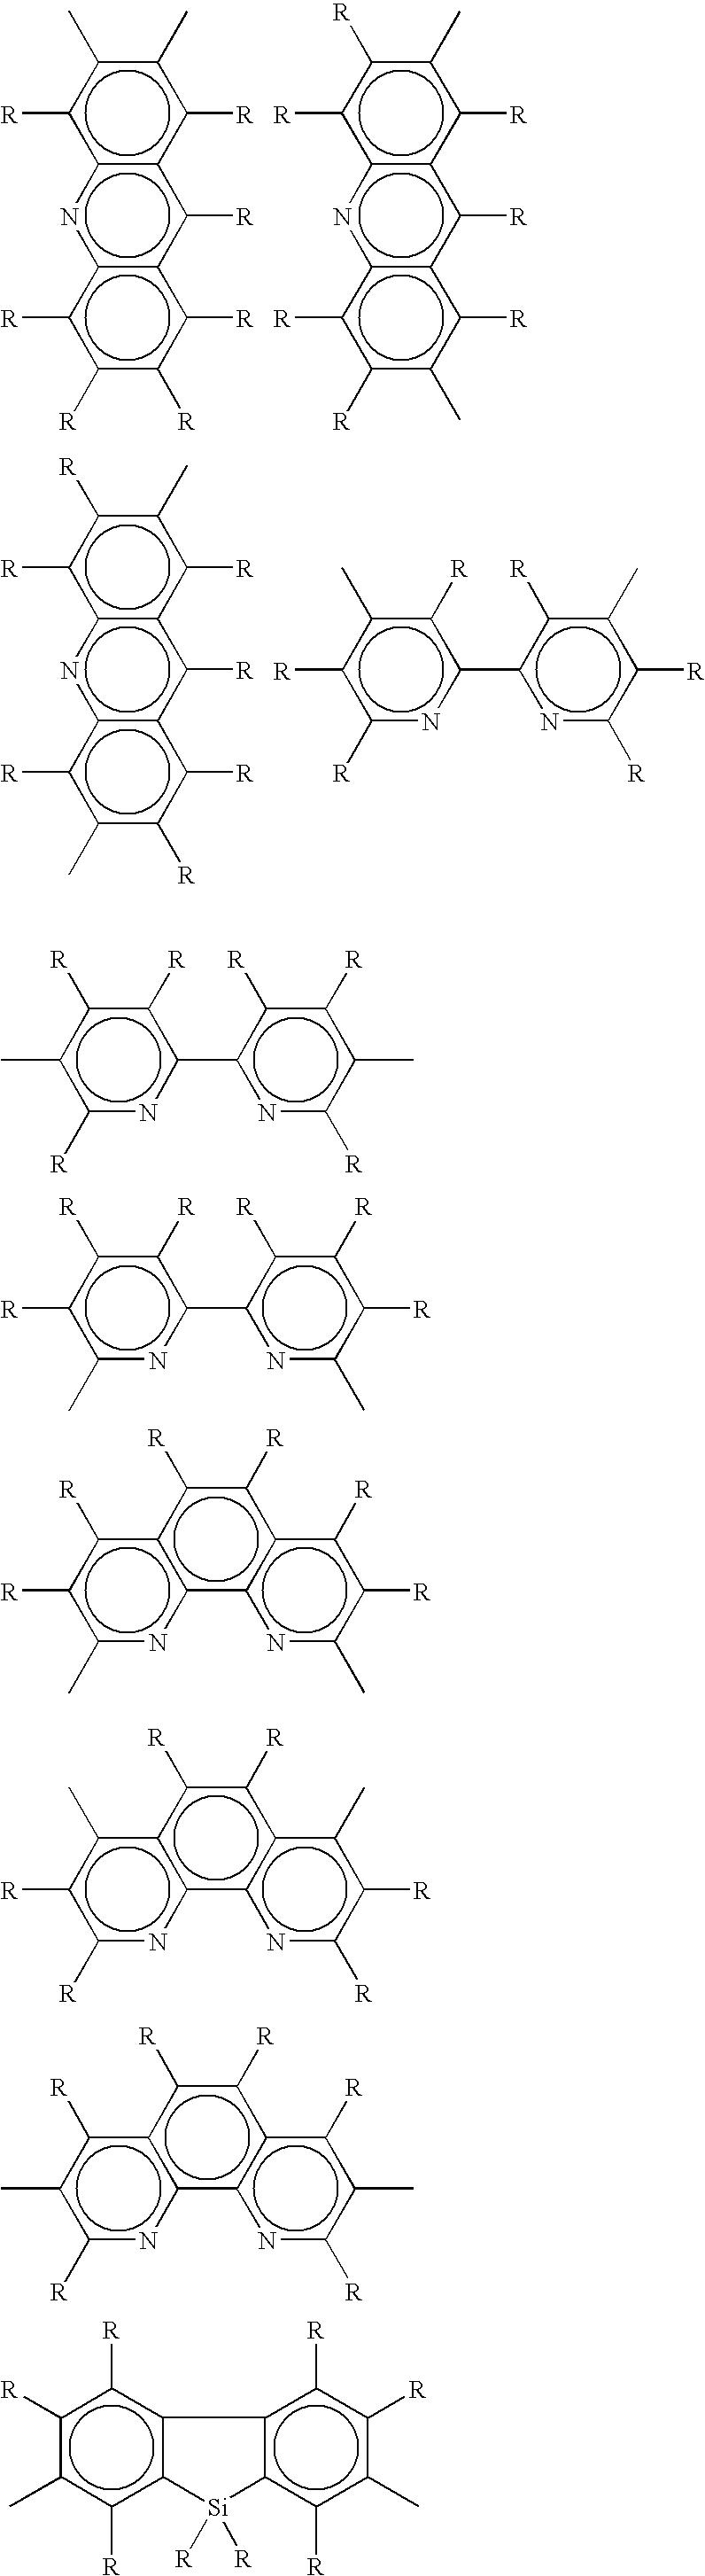 Figure US20070248842A1-20071025-C00010